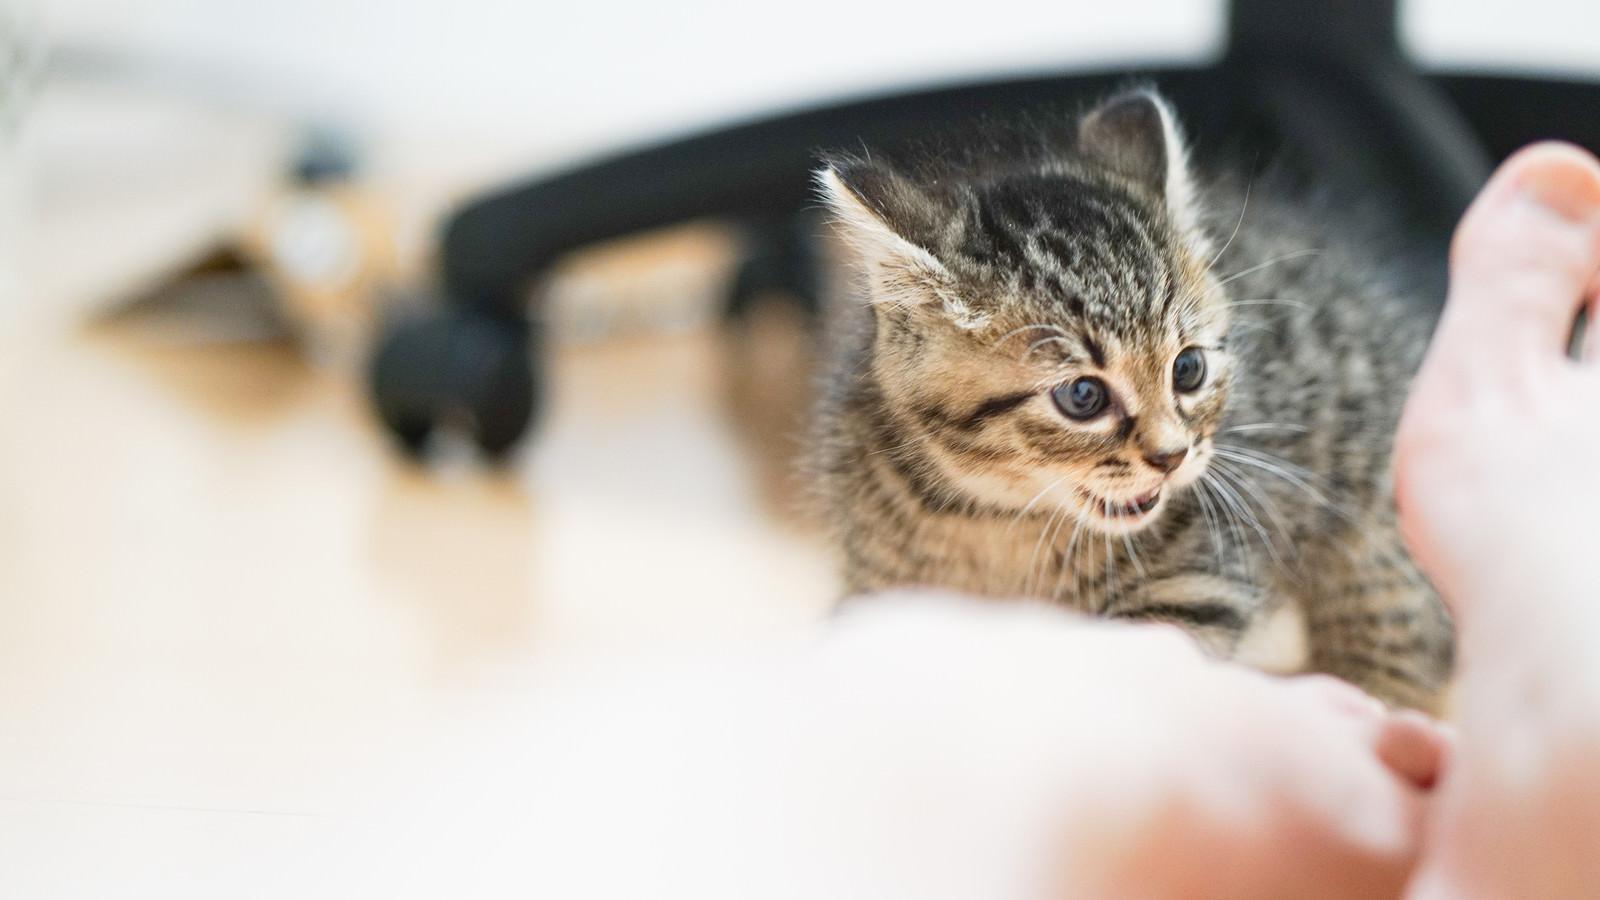 「飼い主の足の臭いに怒りを覚える子猫」の写真